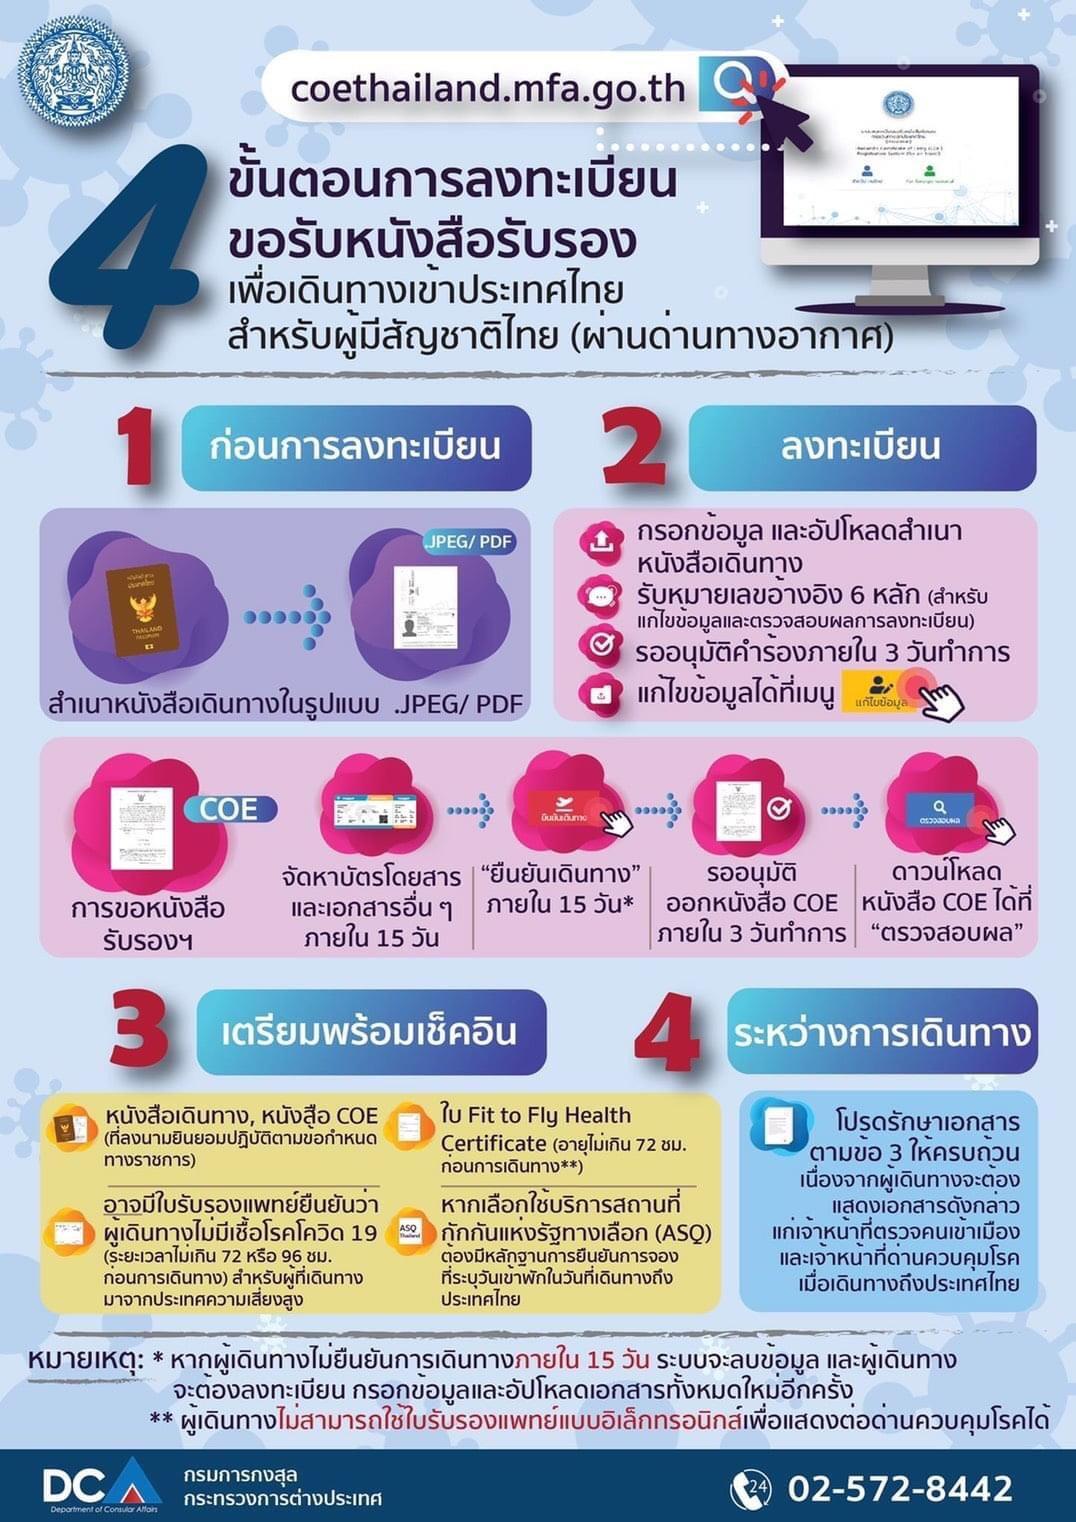 ขั้นตอนการขอ_COE_คนไทย